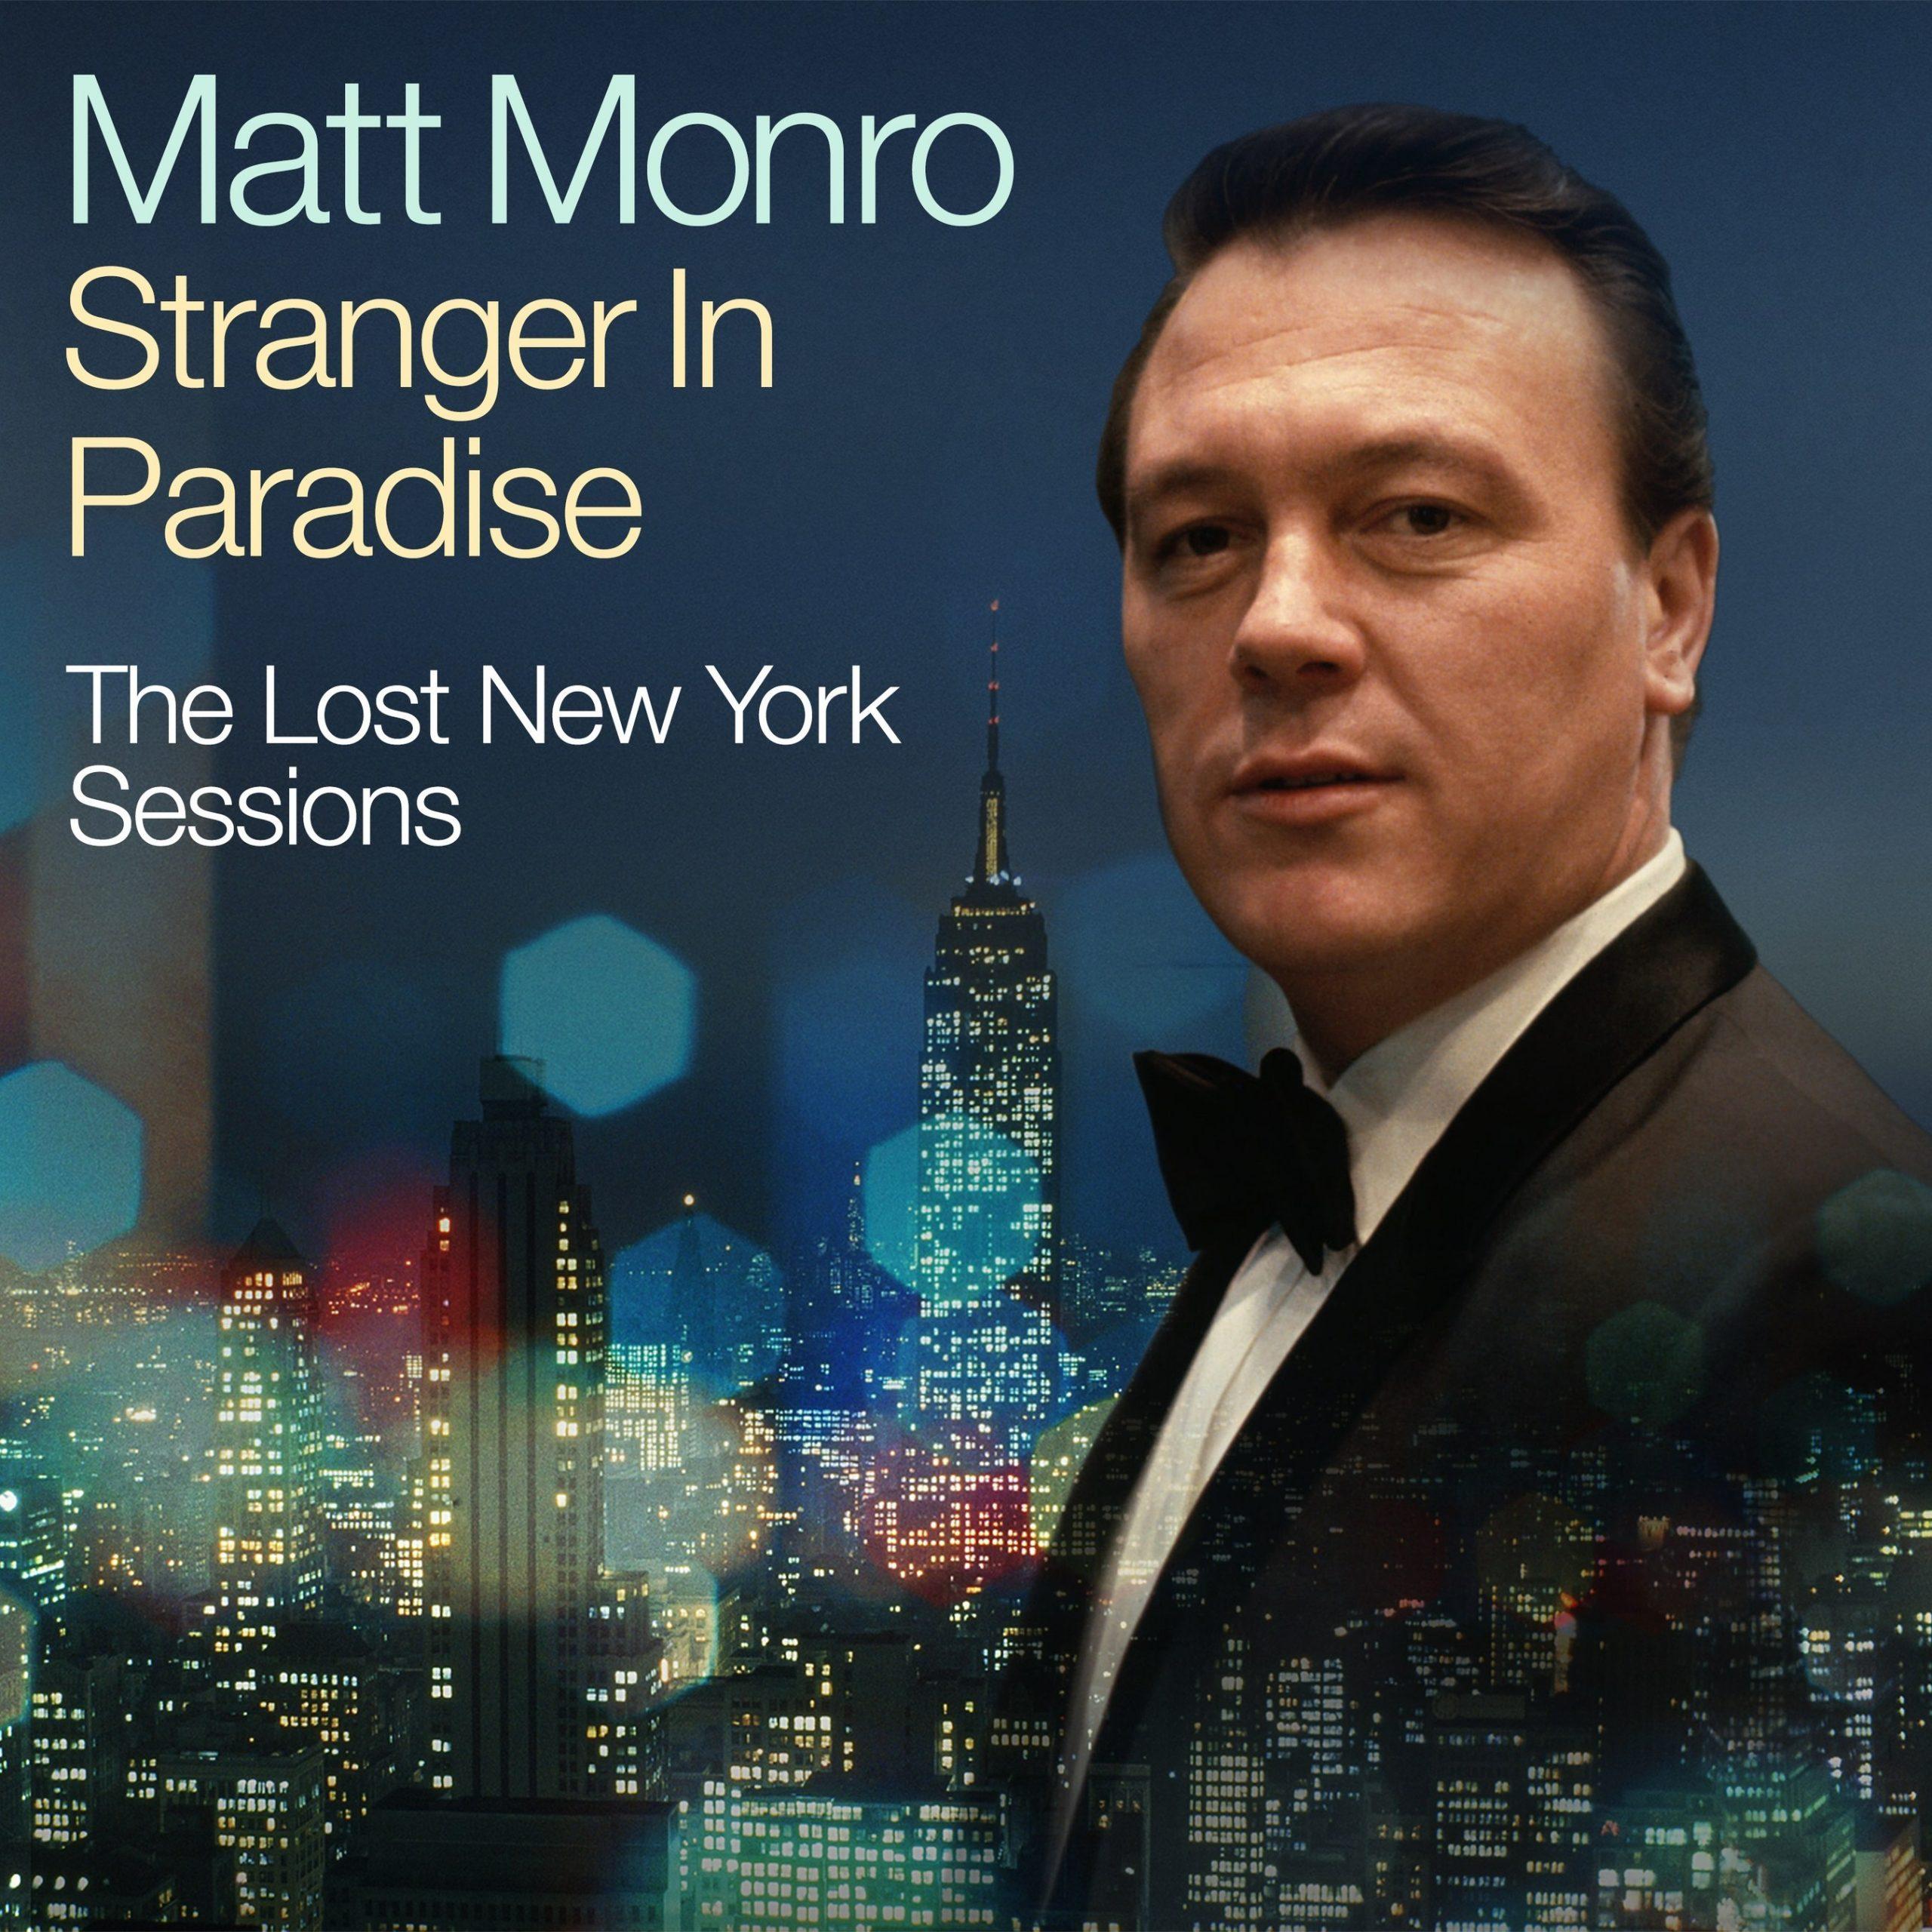 Matt Monro STRANGER IN PARADISE THE LOST NEW YORK SESSIONS 2CD / DIGITAL